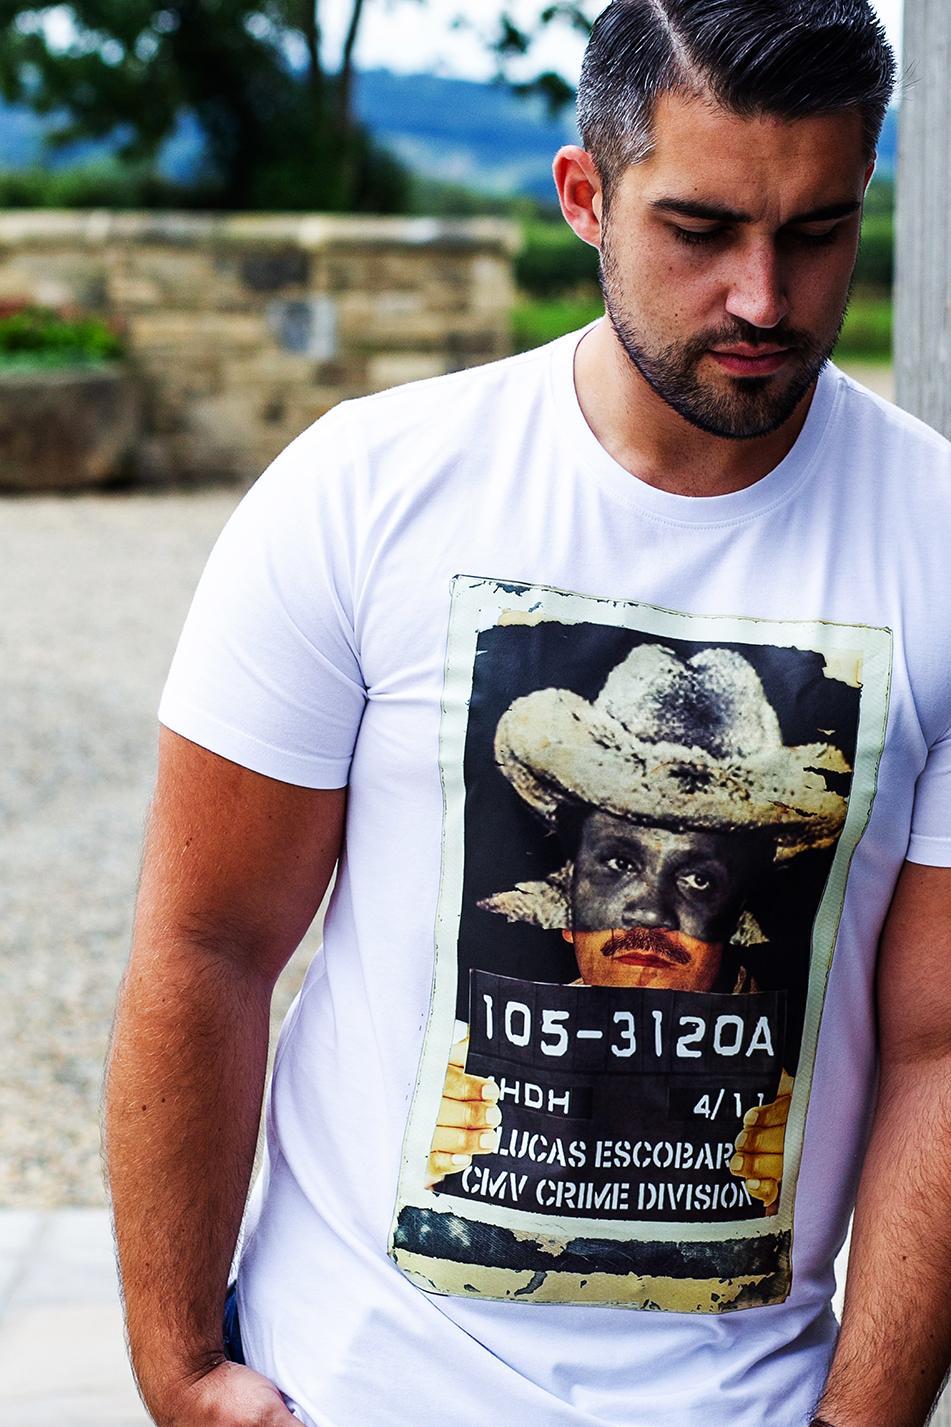 Escobar Lucas image